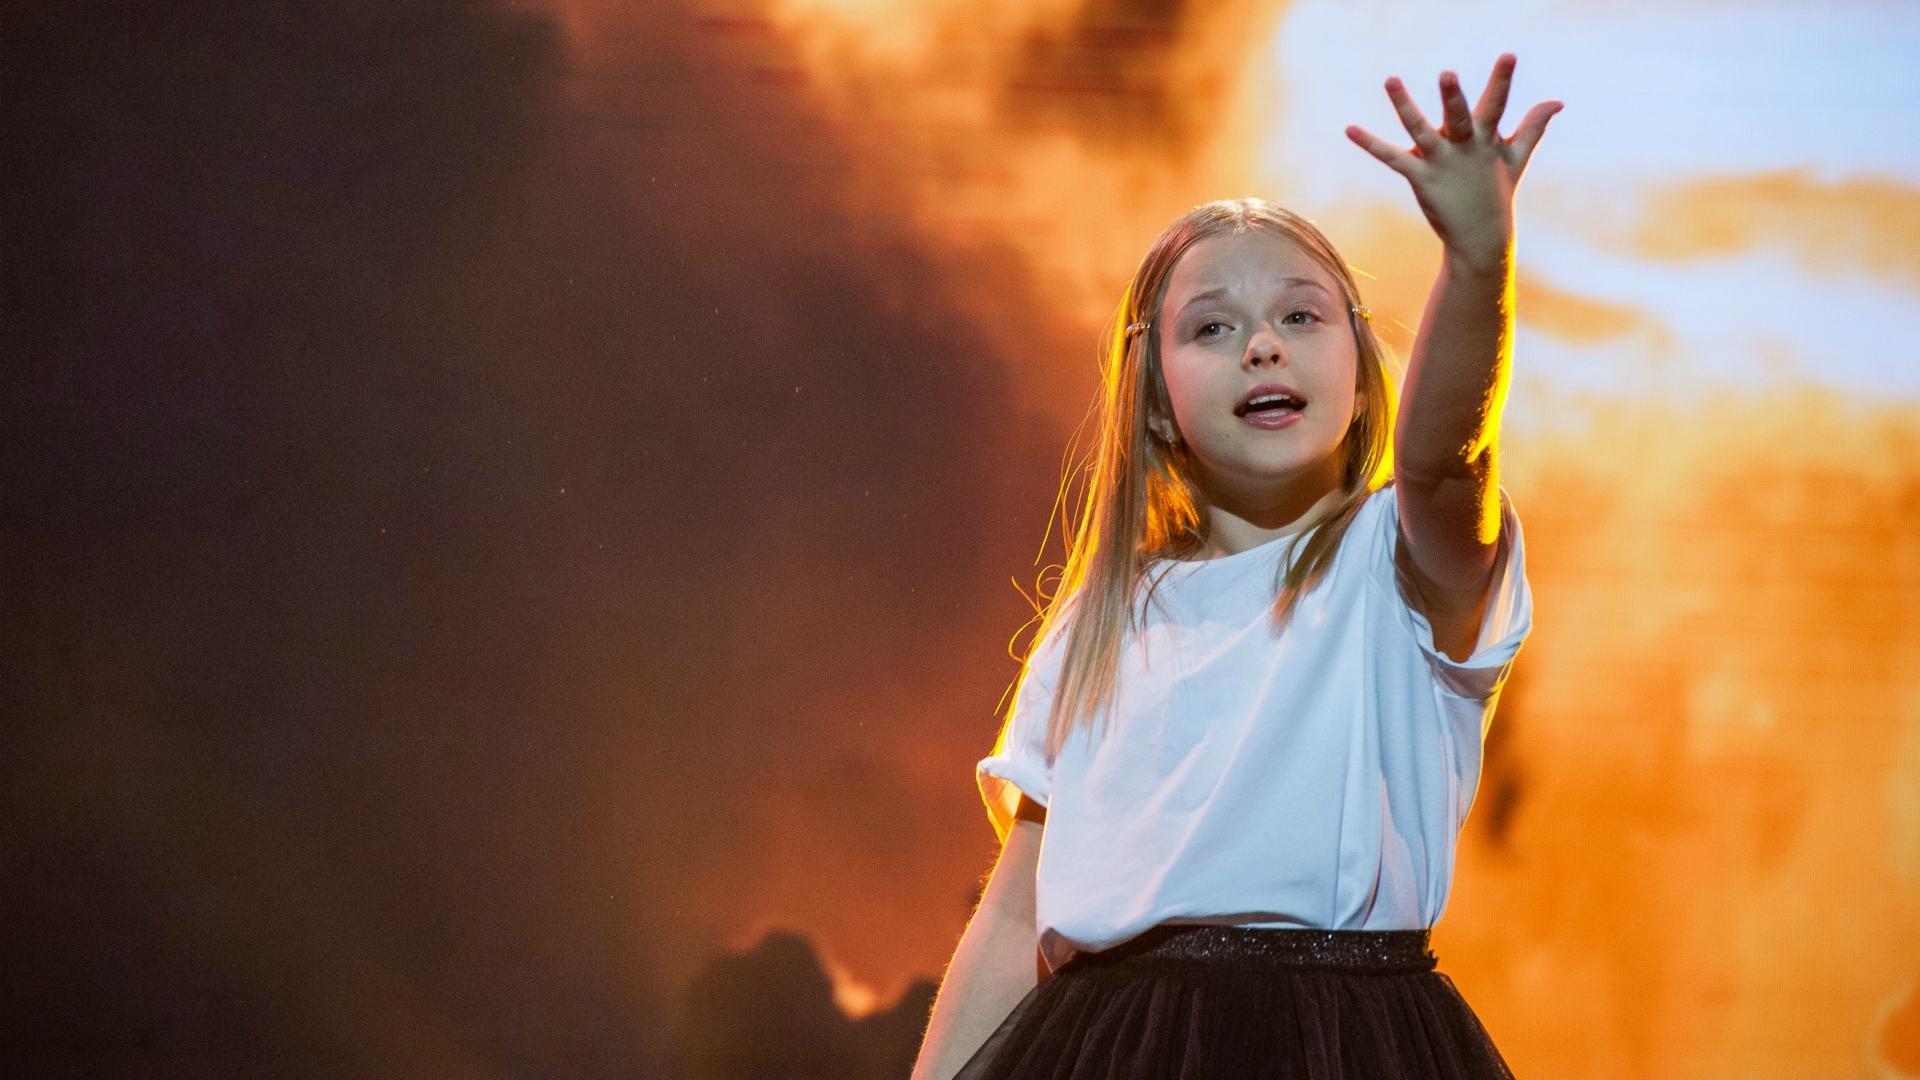 """Alicja Tracz zaprezentowała pierwszy teledysk do piosenki """"I'll Be Standing"""". Godnie zaprezentuje nasz kraj?"""